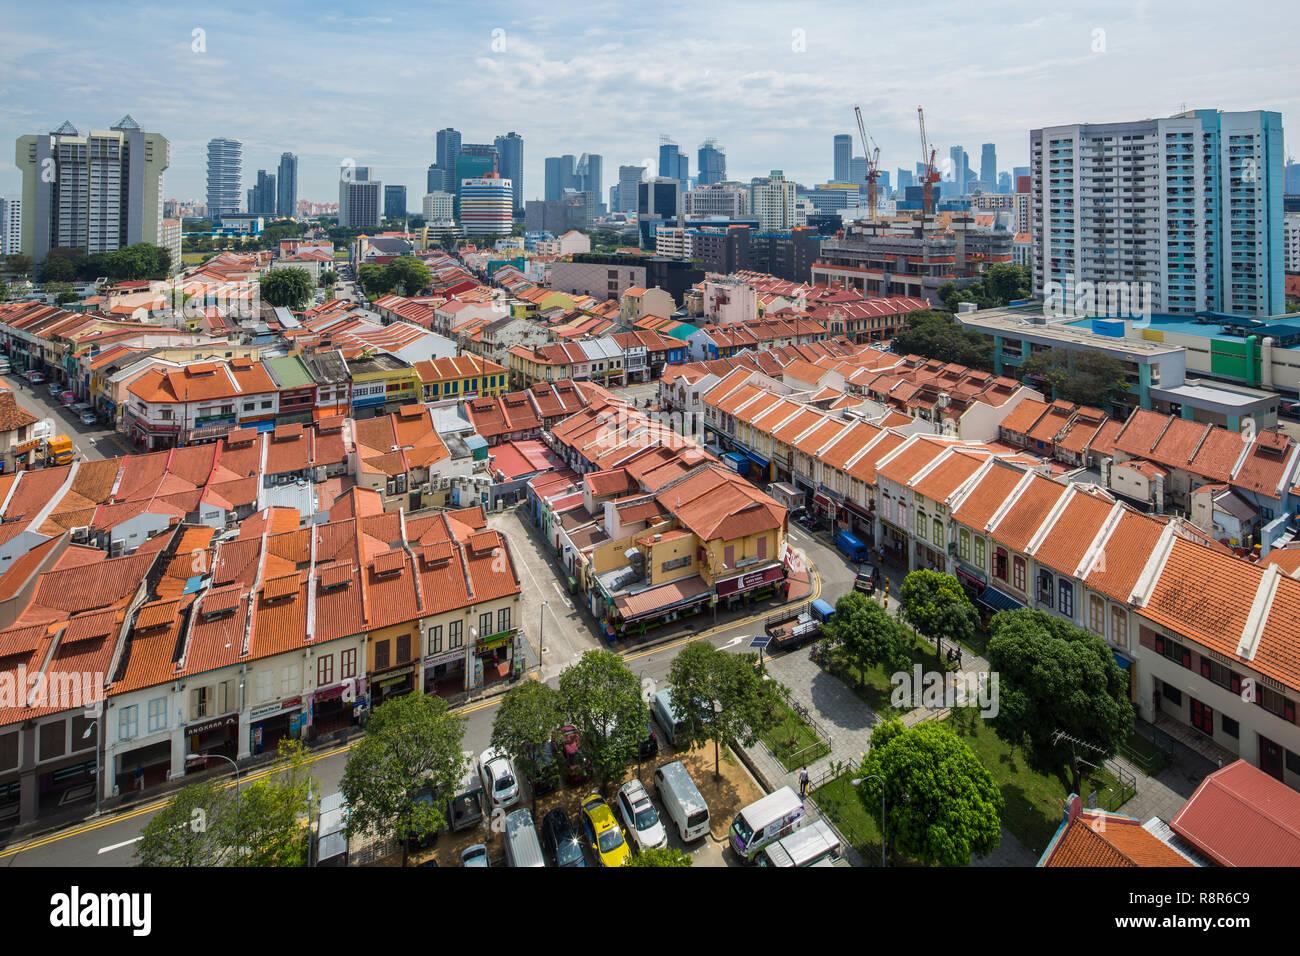 Eine Luftaufnahme von geschäftshäusern in Little India, die hohen Gebäude hinter der modernen Skyline von Singapore. Ist buchstäblich sehen Transformation Stockbild